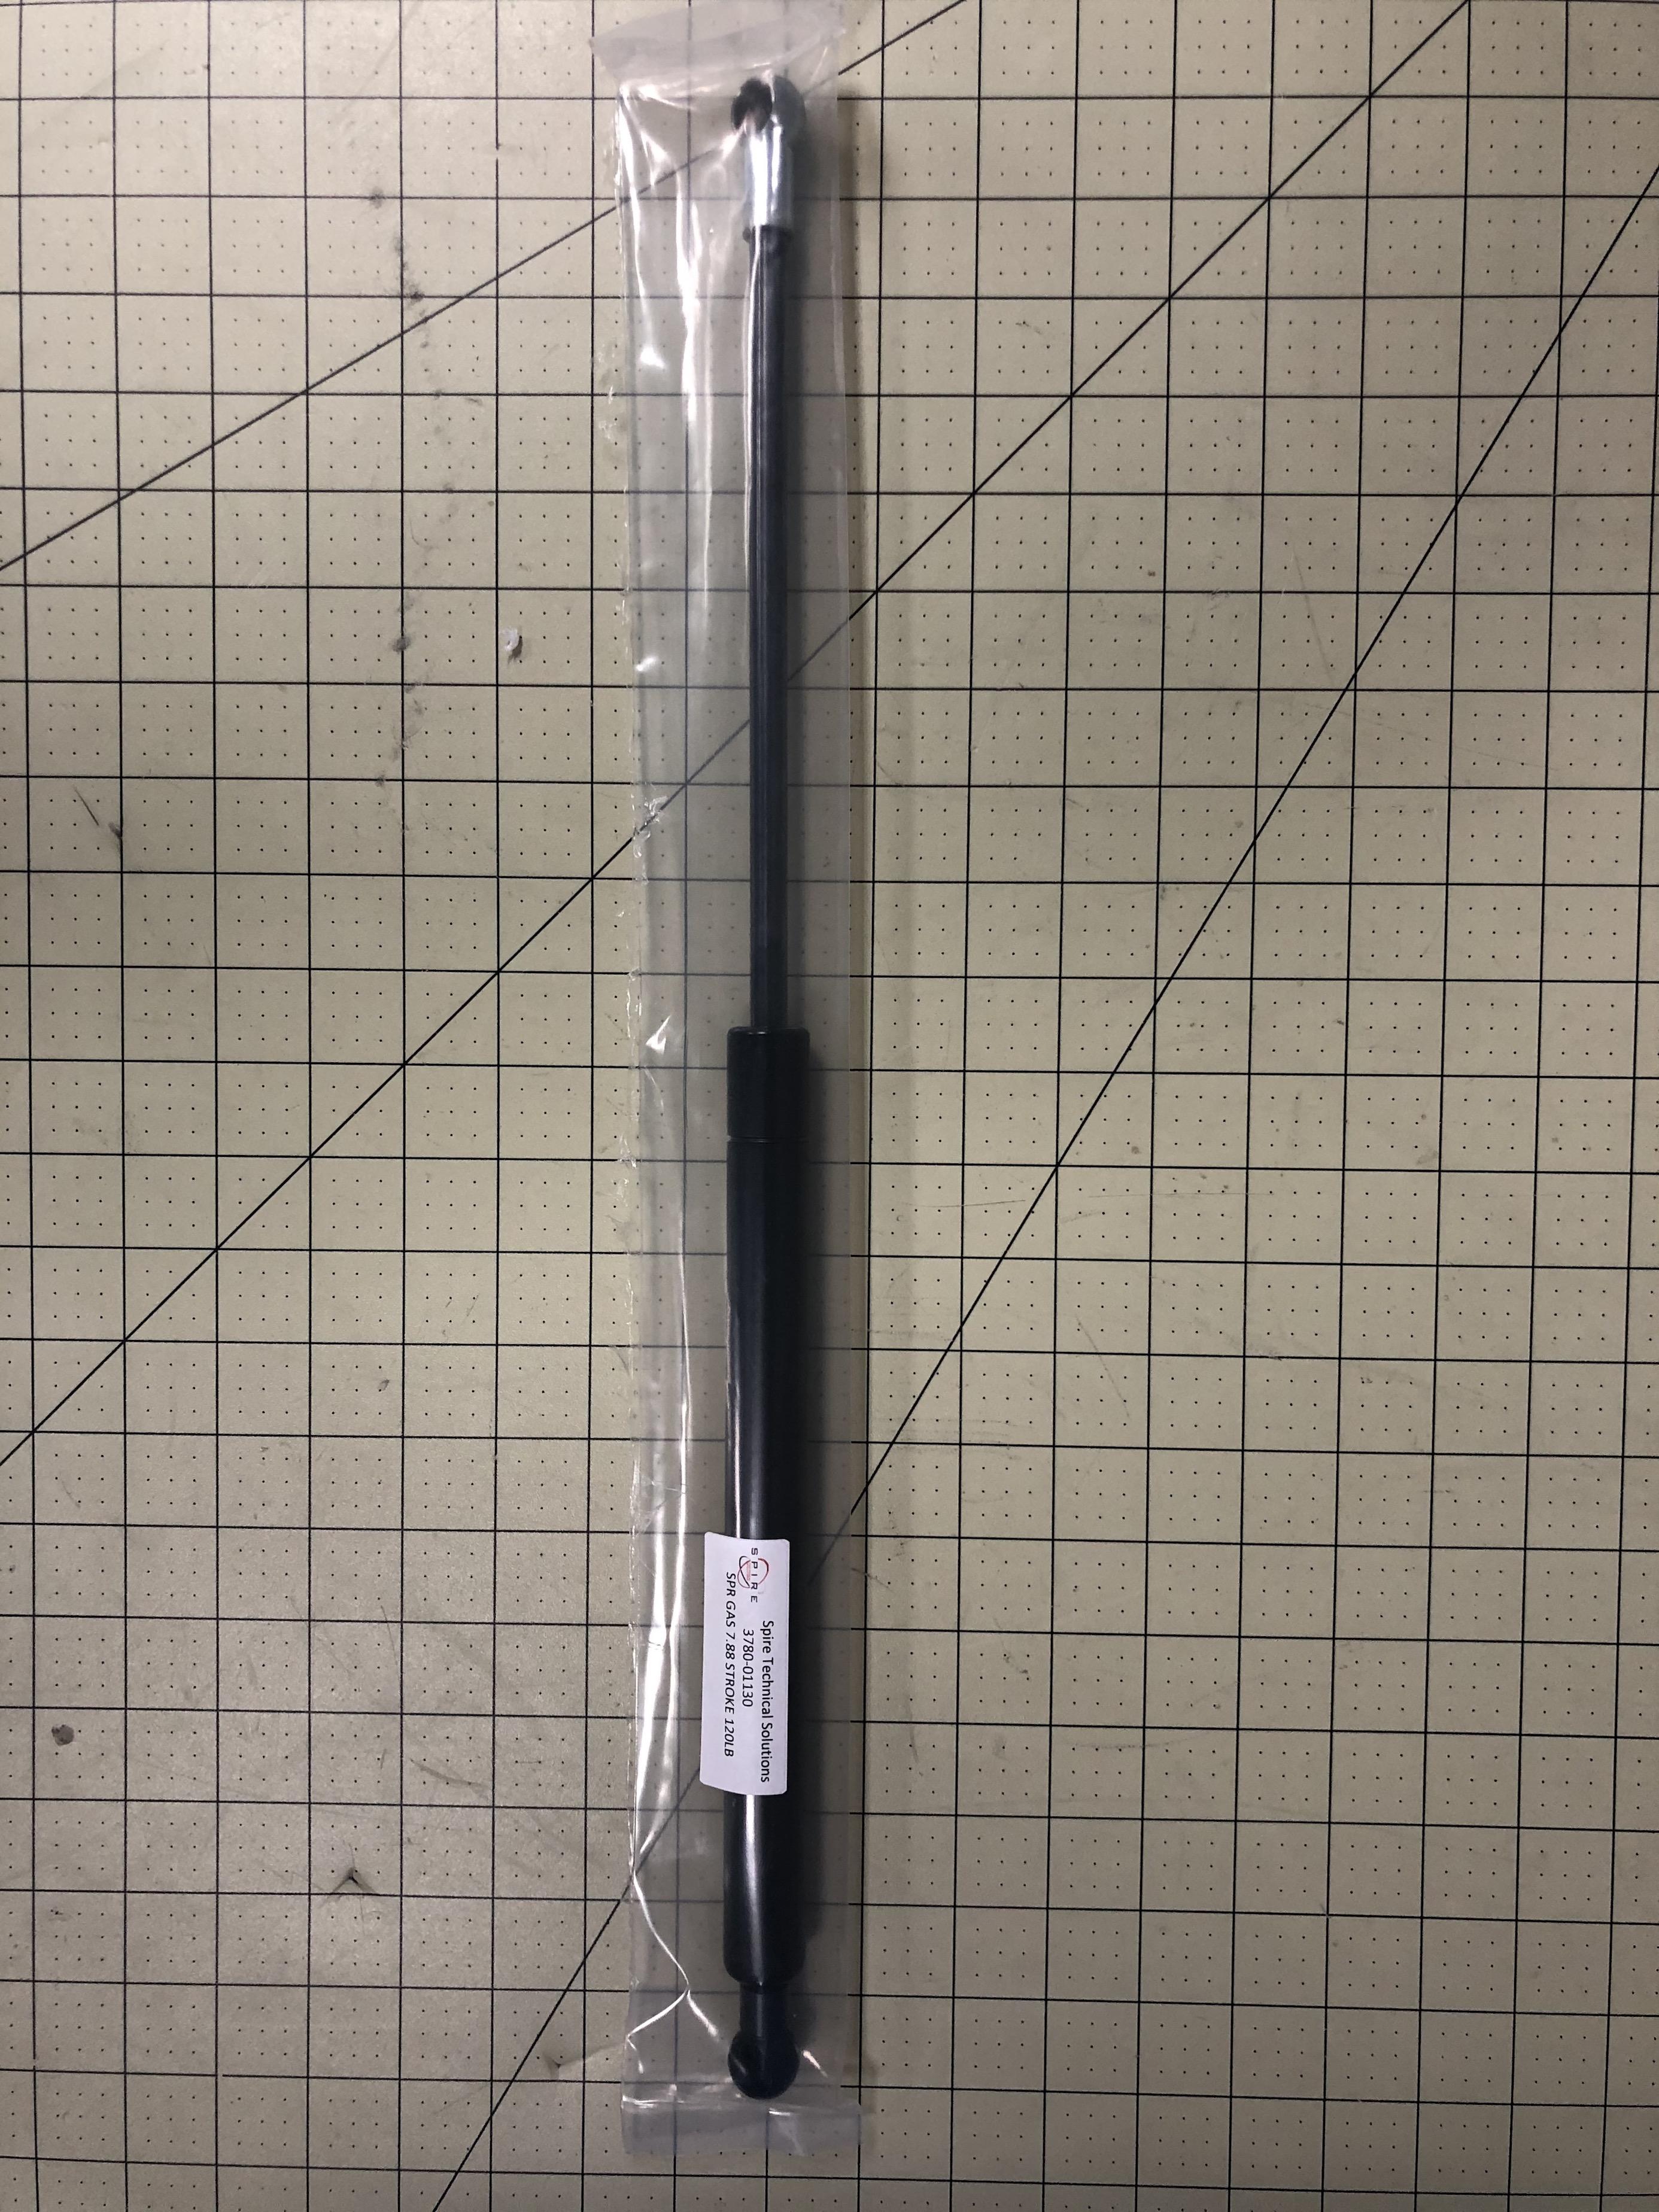 Spr Gas 7.88 Stroke 120LB